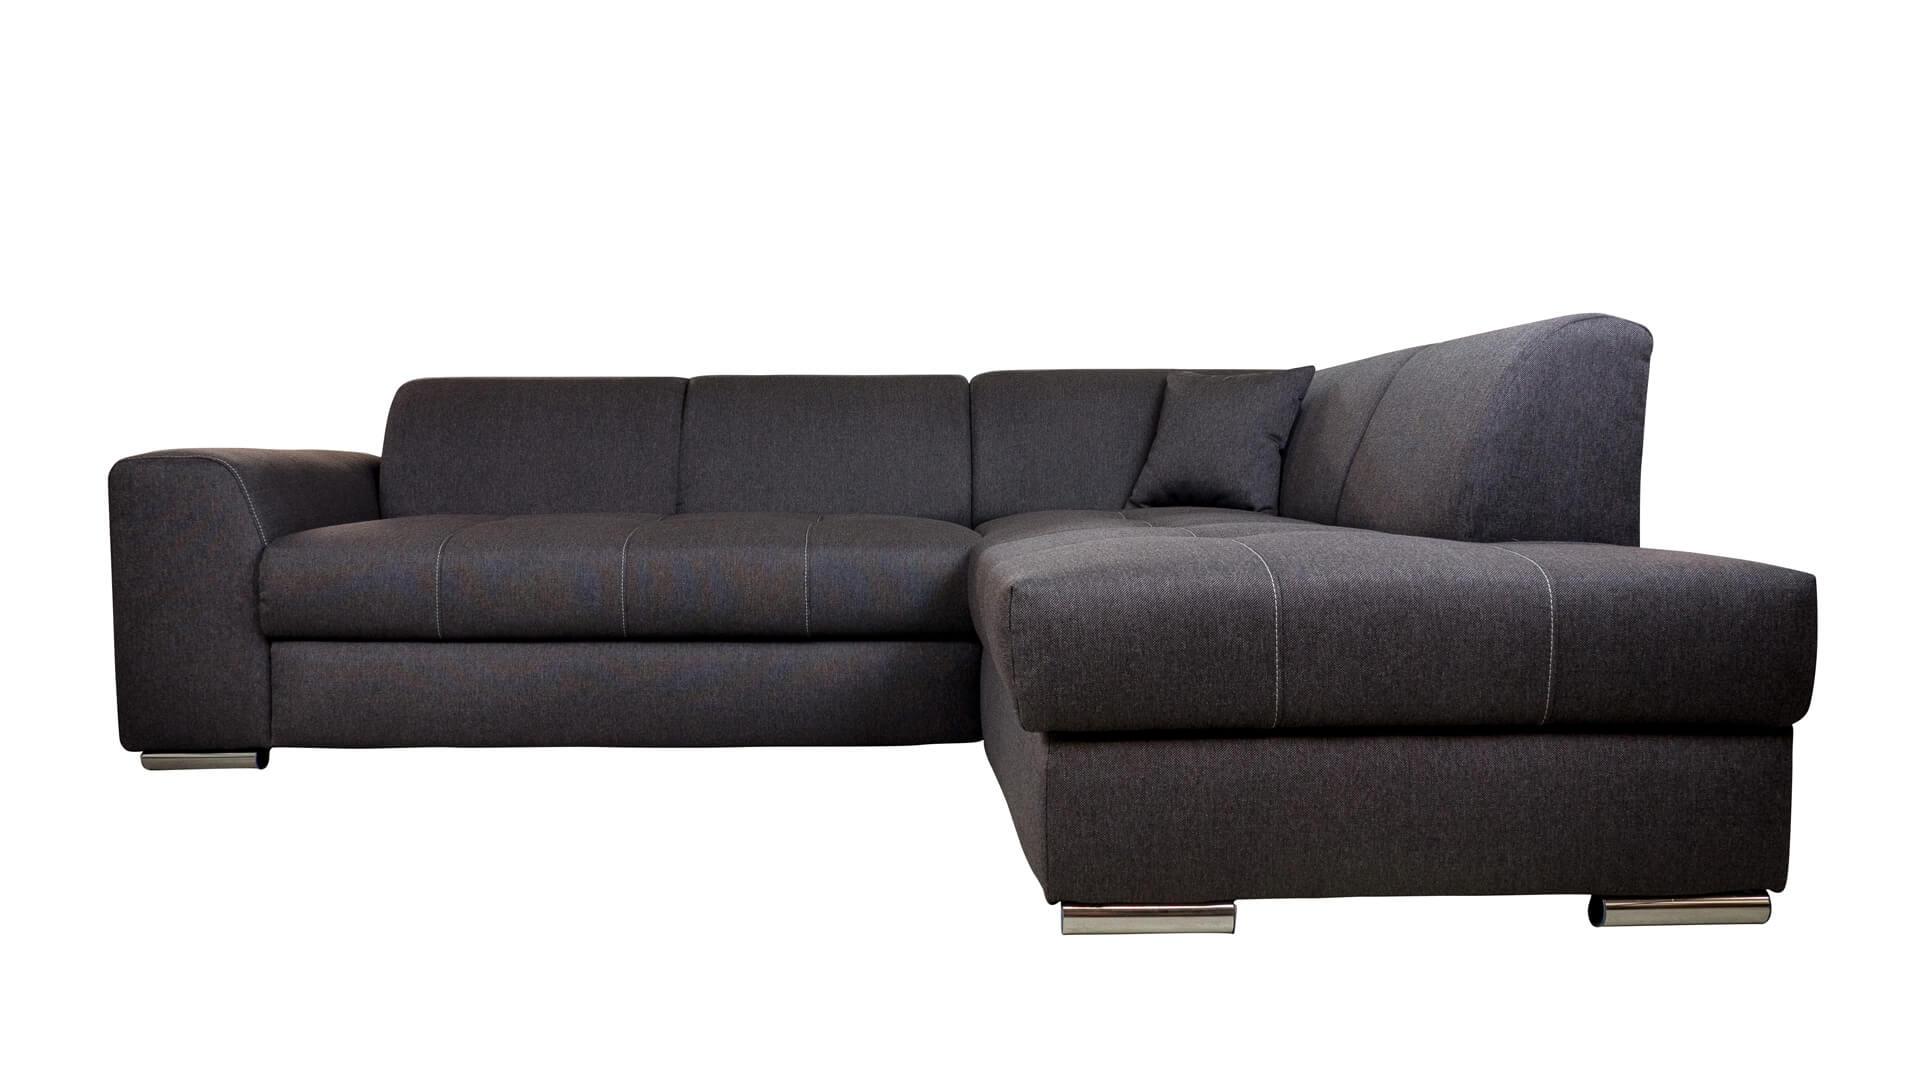 Full Size of Couch Federkern Oder Schaum Sofa Schaumstoff 3 Sitzer Mit Big Poco Reparieren Selbst Eckcouch Und Bettfunktion Graues Weißes Halbrundes Schlafsofa Sofa Sofa Federkern